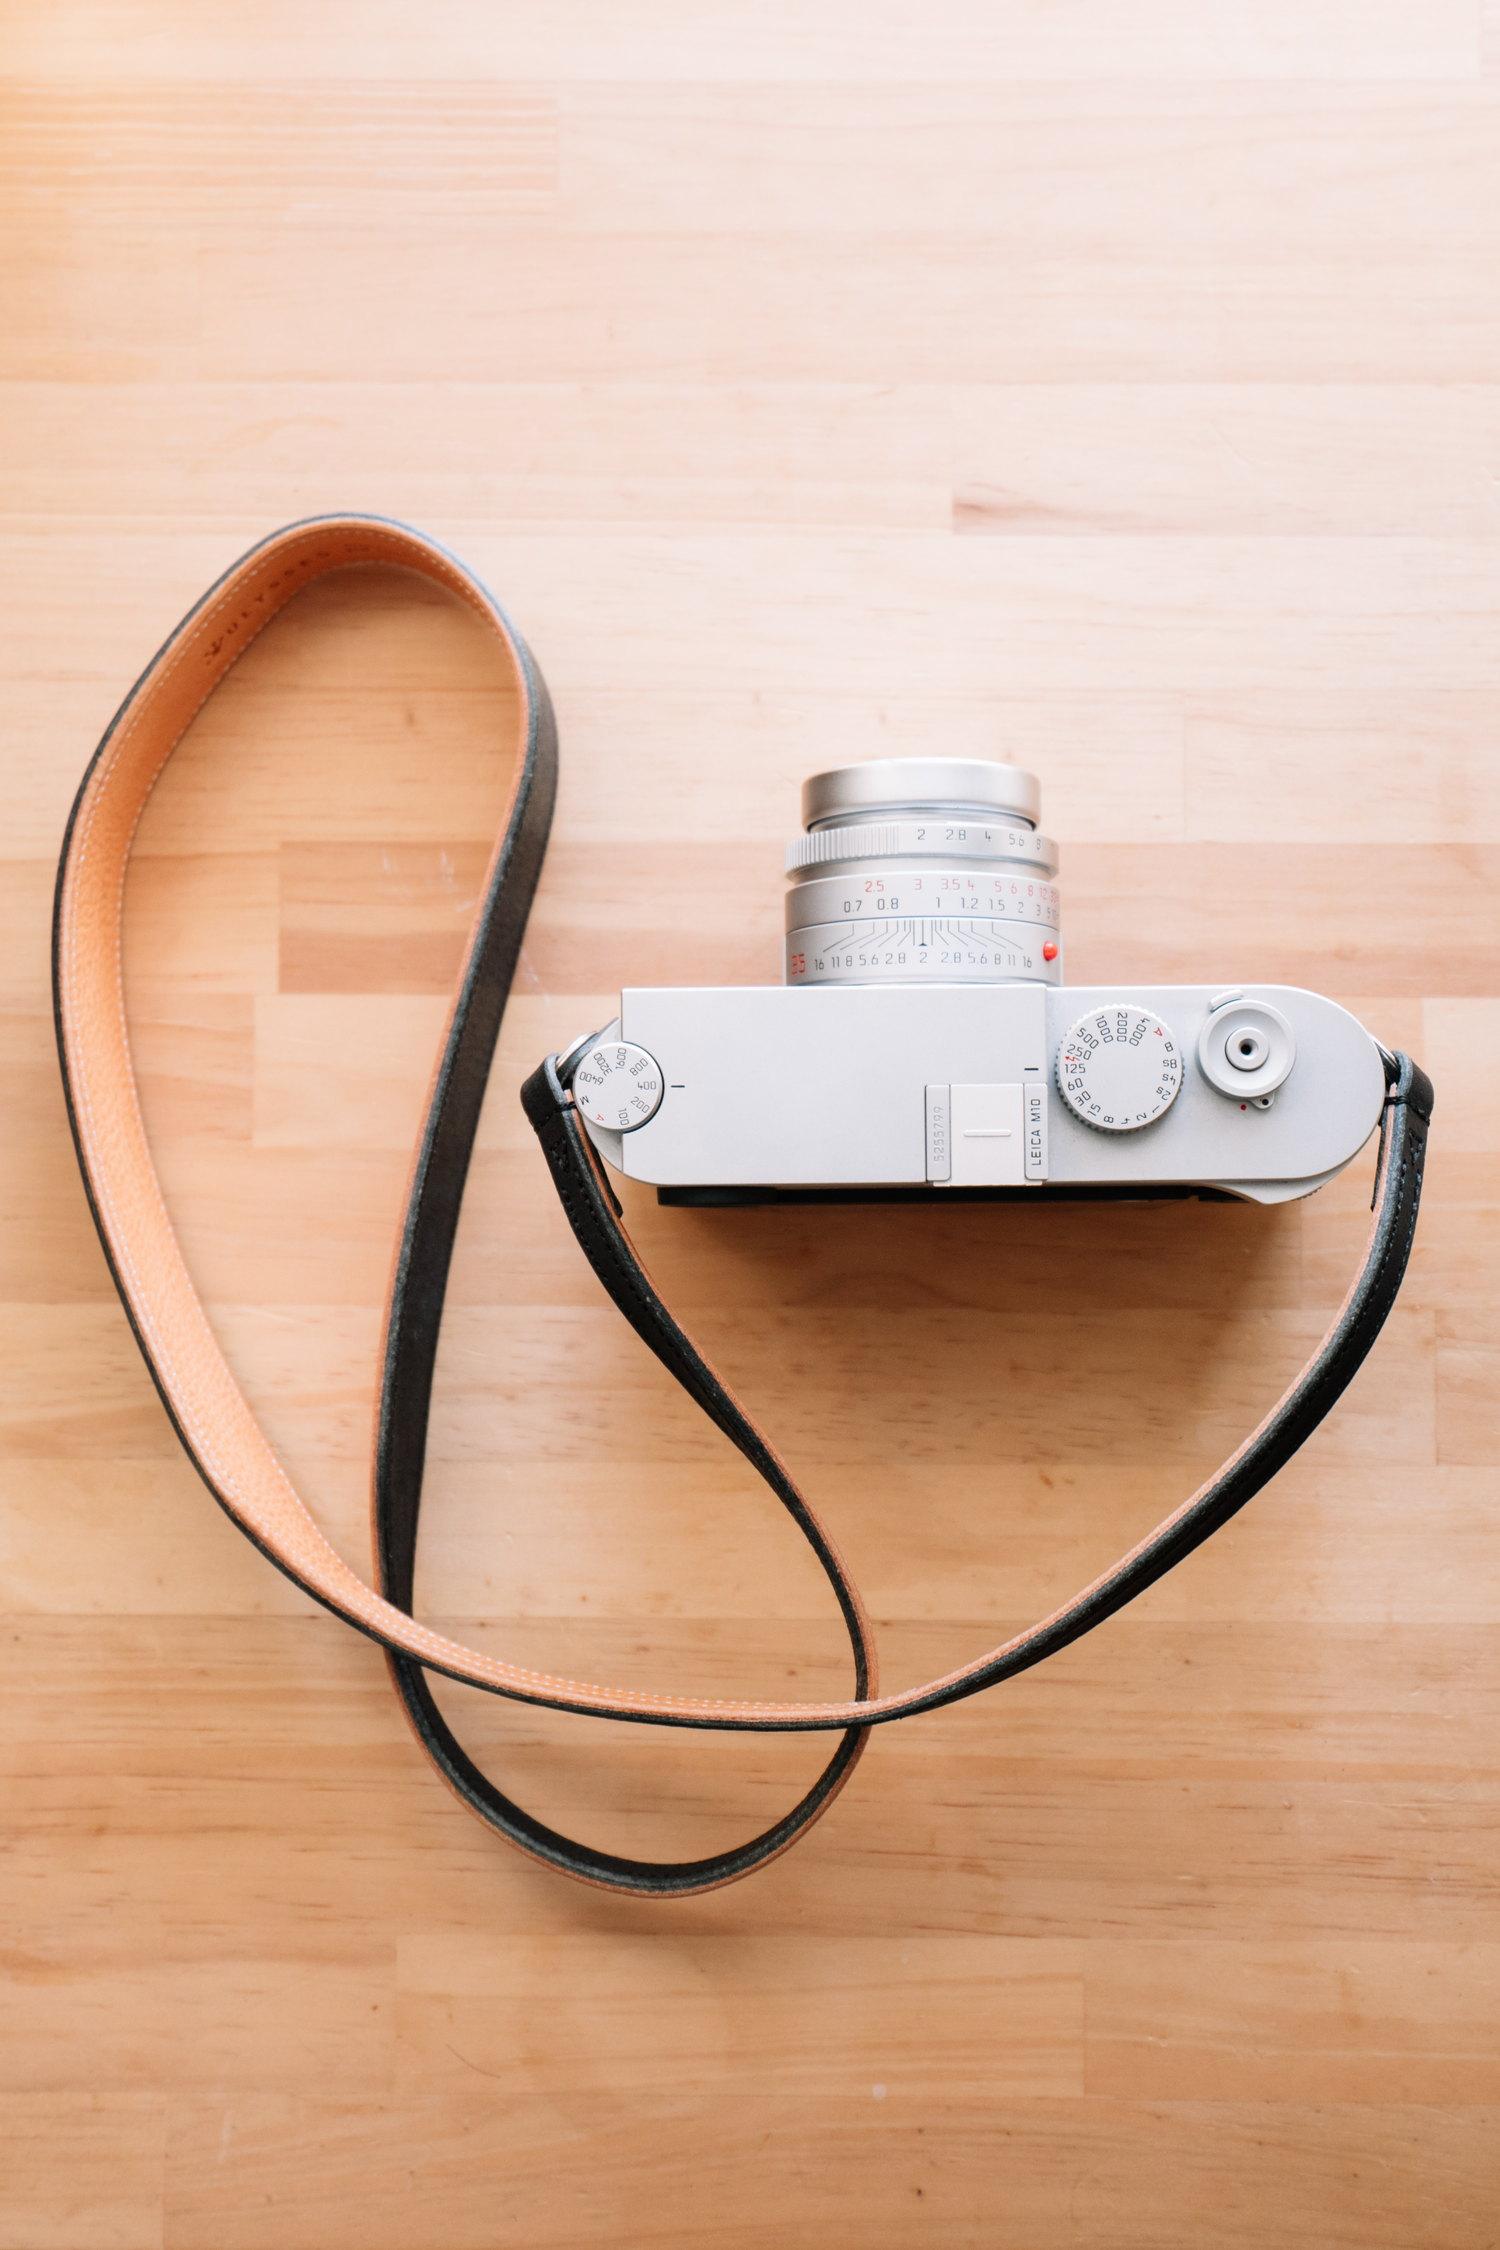 ストラップ ユリシーズ カメラのショルダーストラップを手首に巻く方法